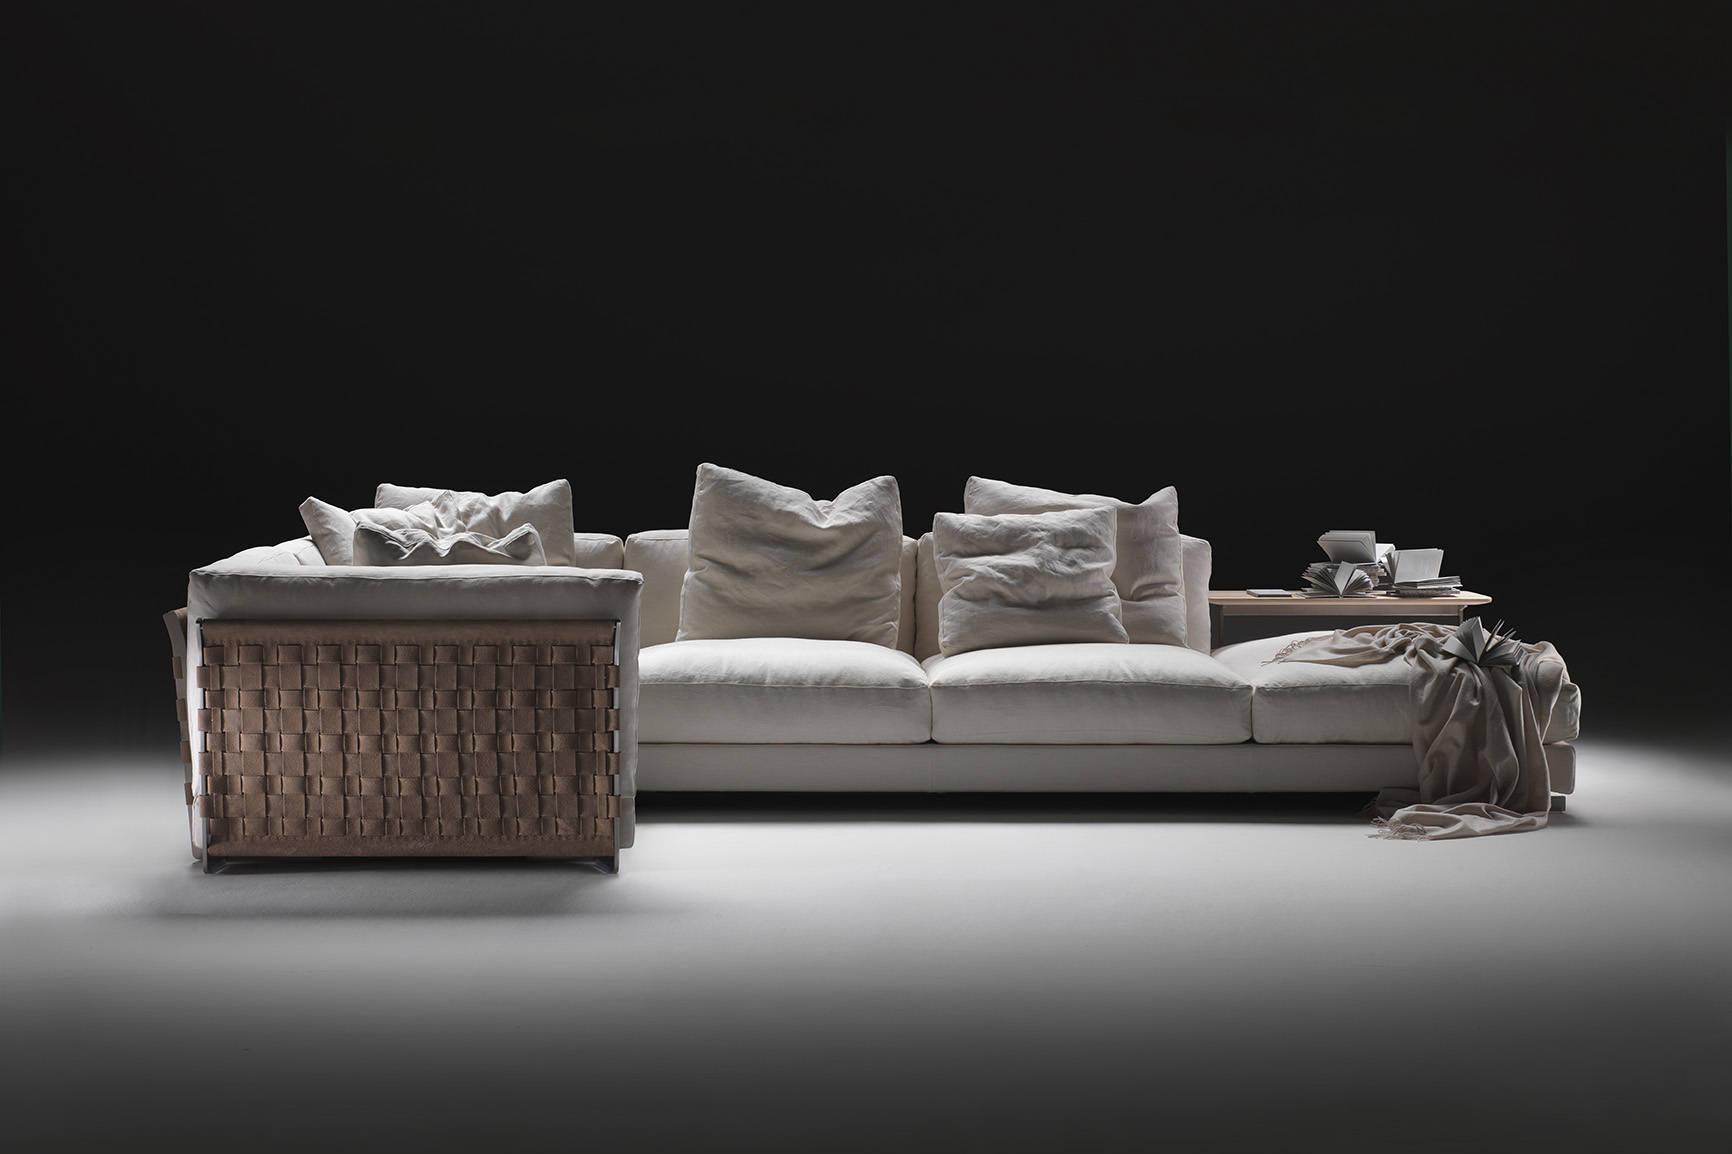 italian furniture brand. Italian Furniture Brand Flexform